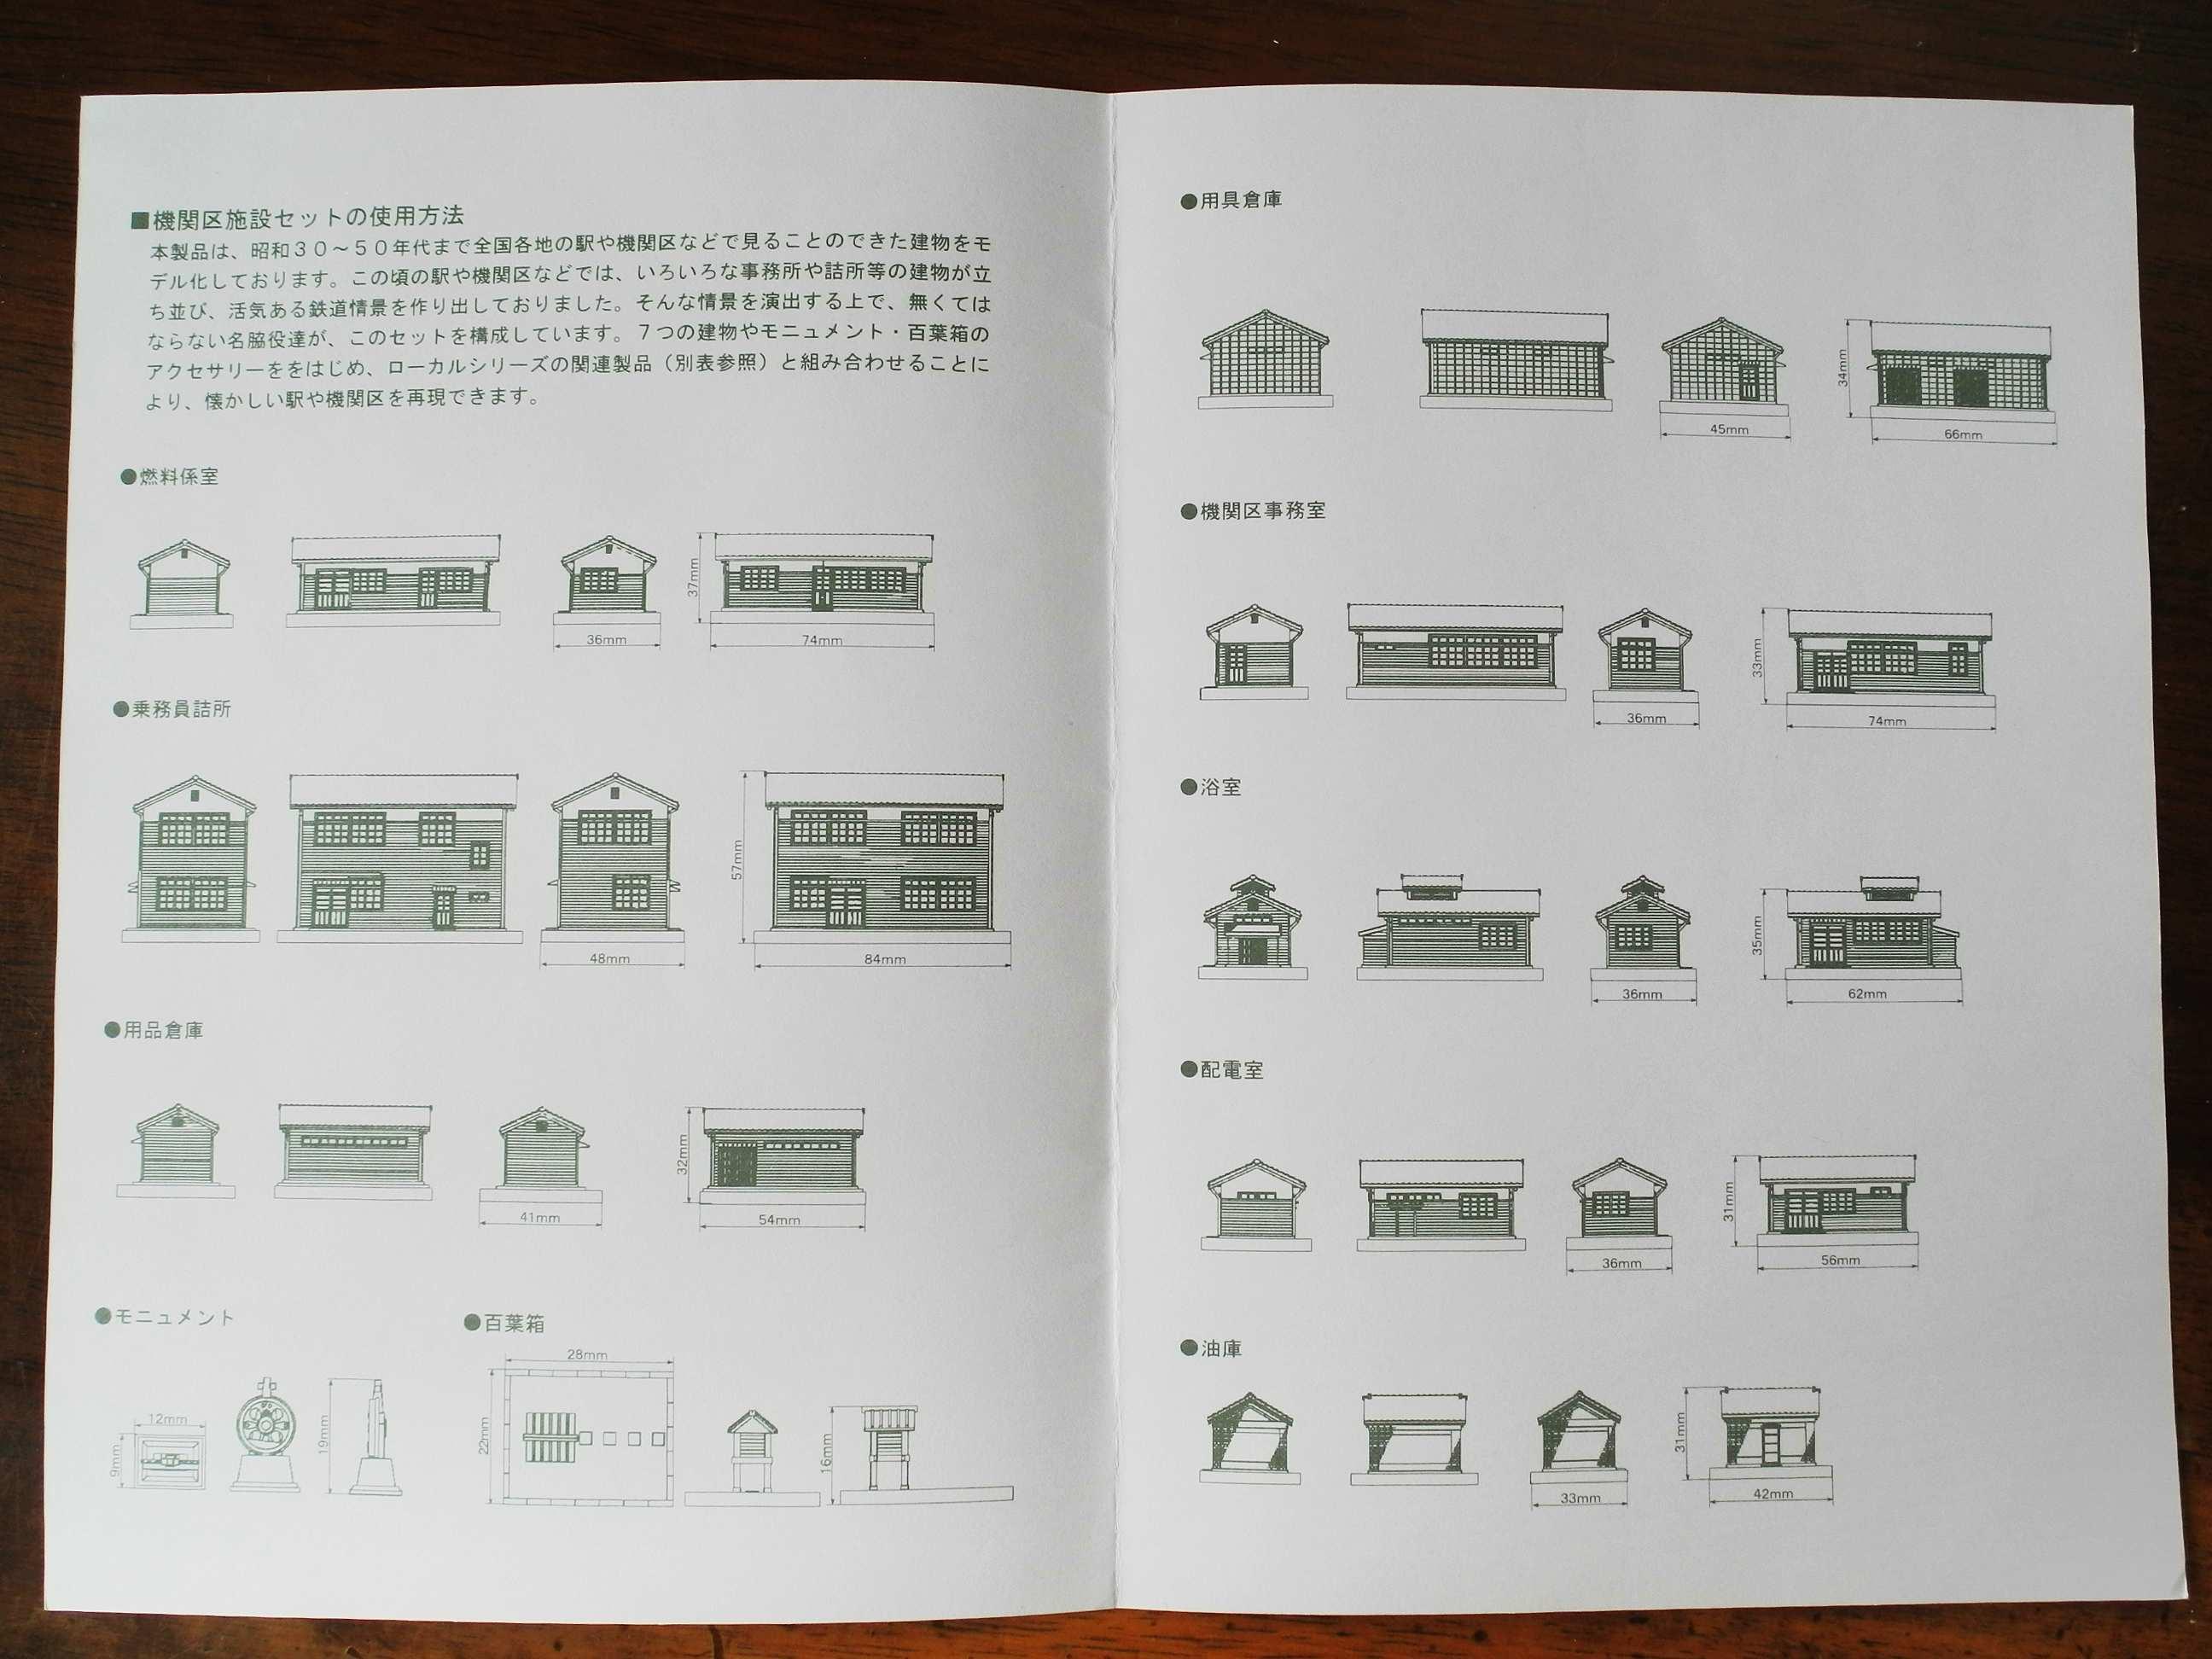 DSCN8518-1.jpg